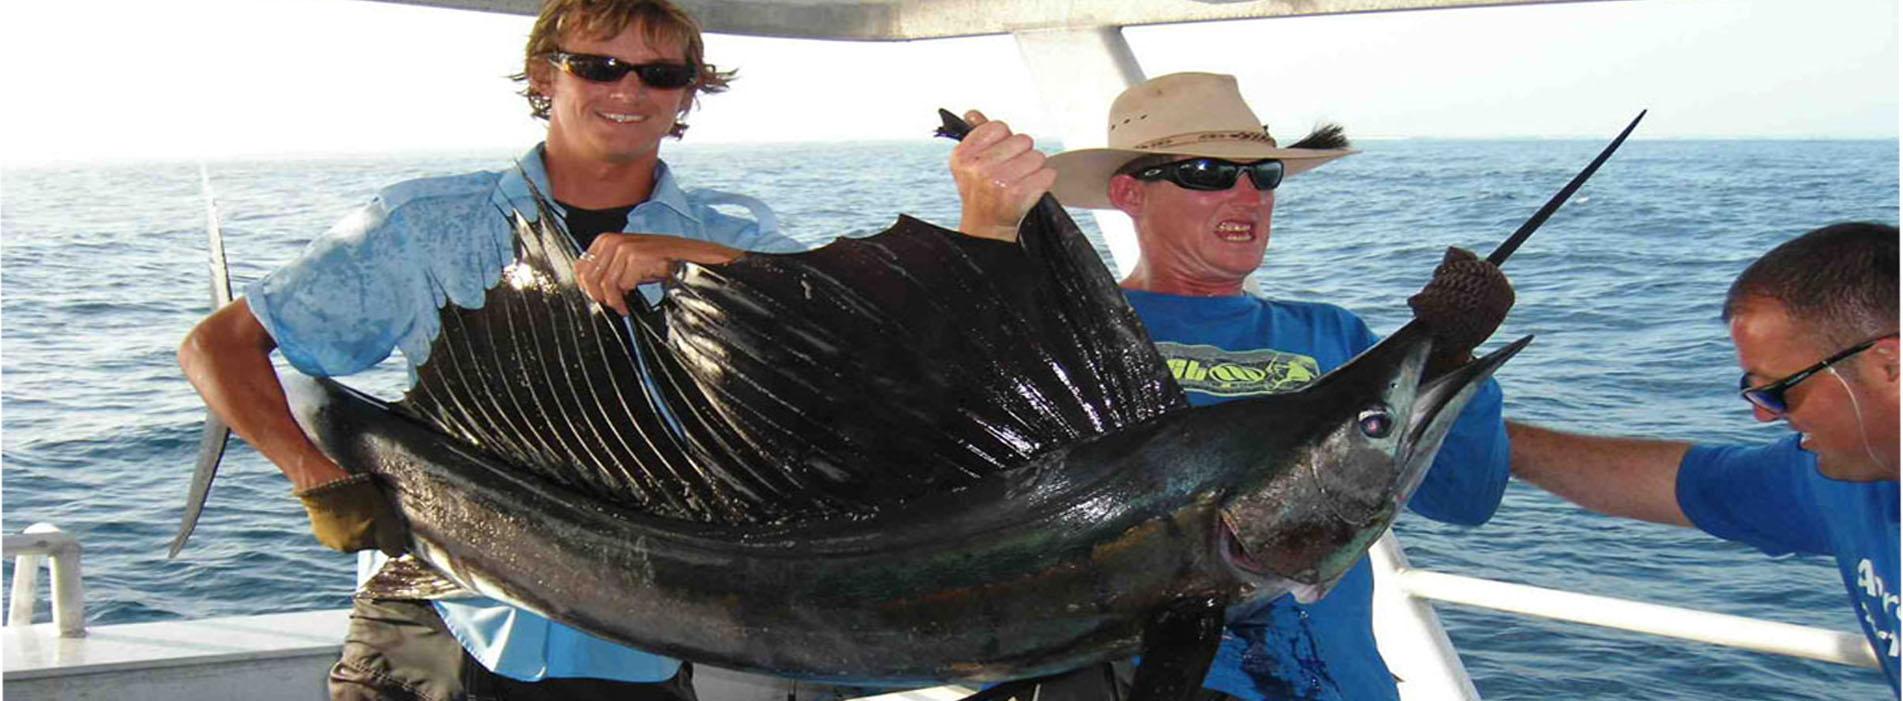 Fishing Rowley Shoals sailfish Karma IV TAO and gang